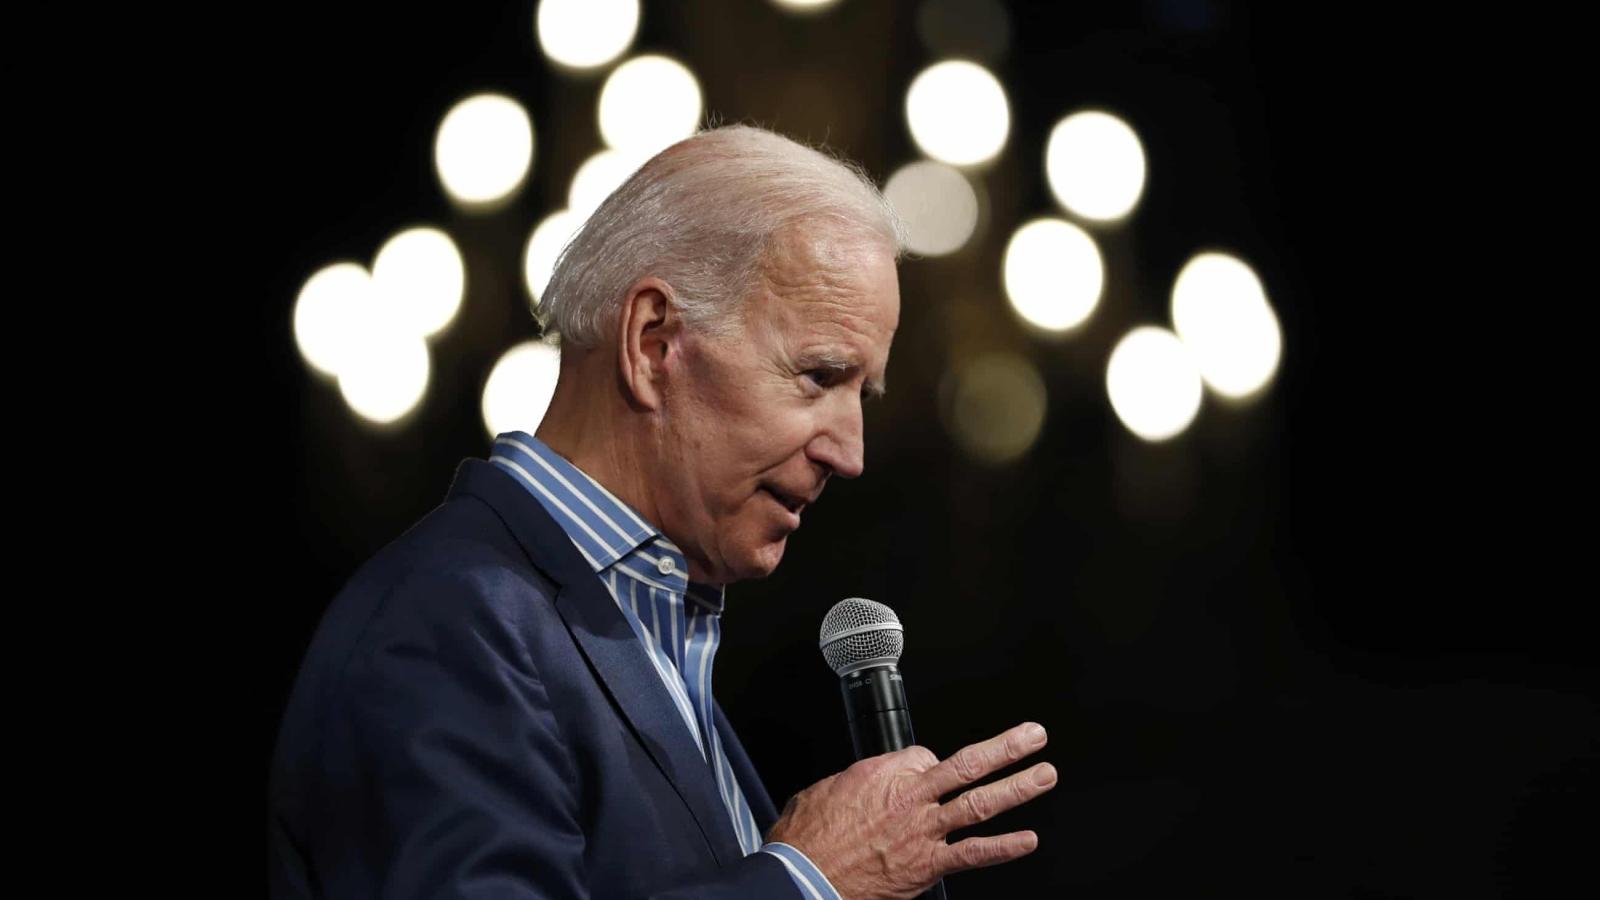 Lãnh đạo EU và NATO đã gửi lời chúc mừng tới Tổng thống đắc cử Joe Biden